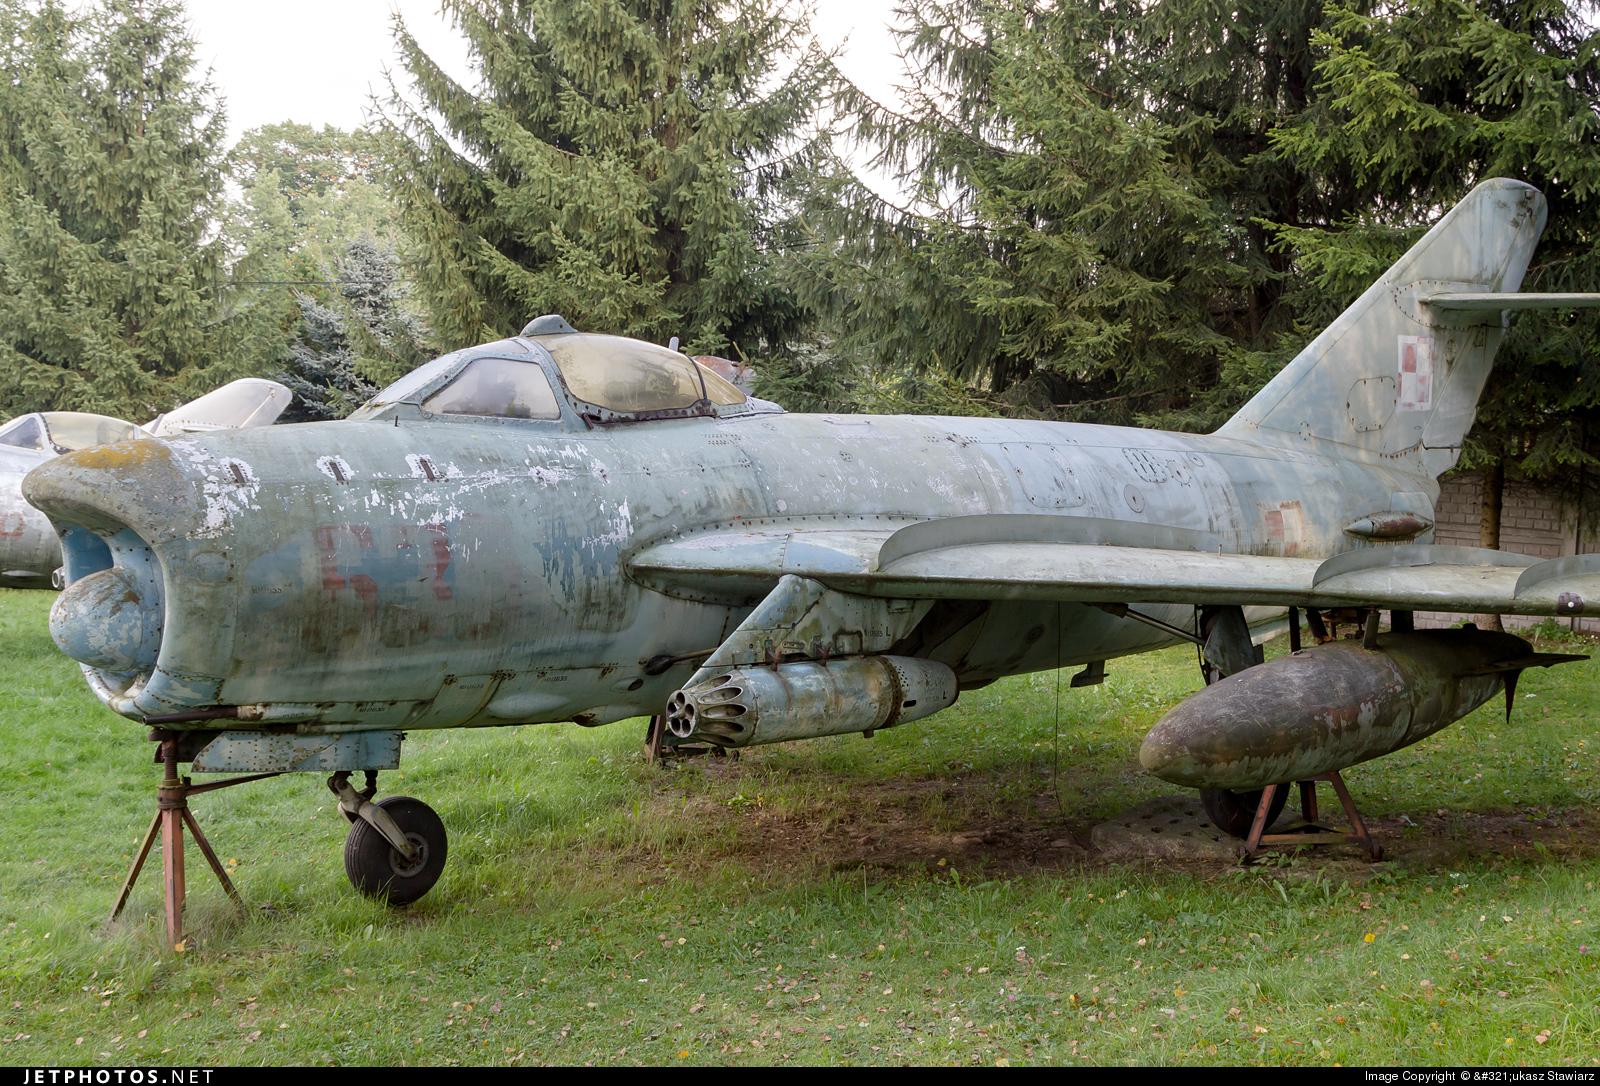 635 - WSK-Mielec Lim-6M - Poland - Air Force